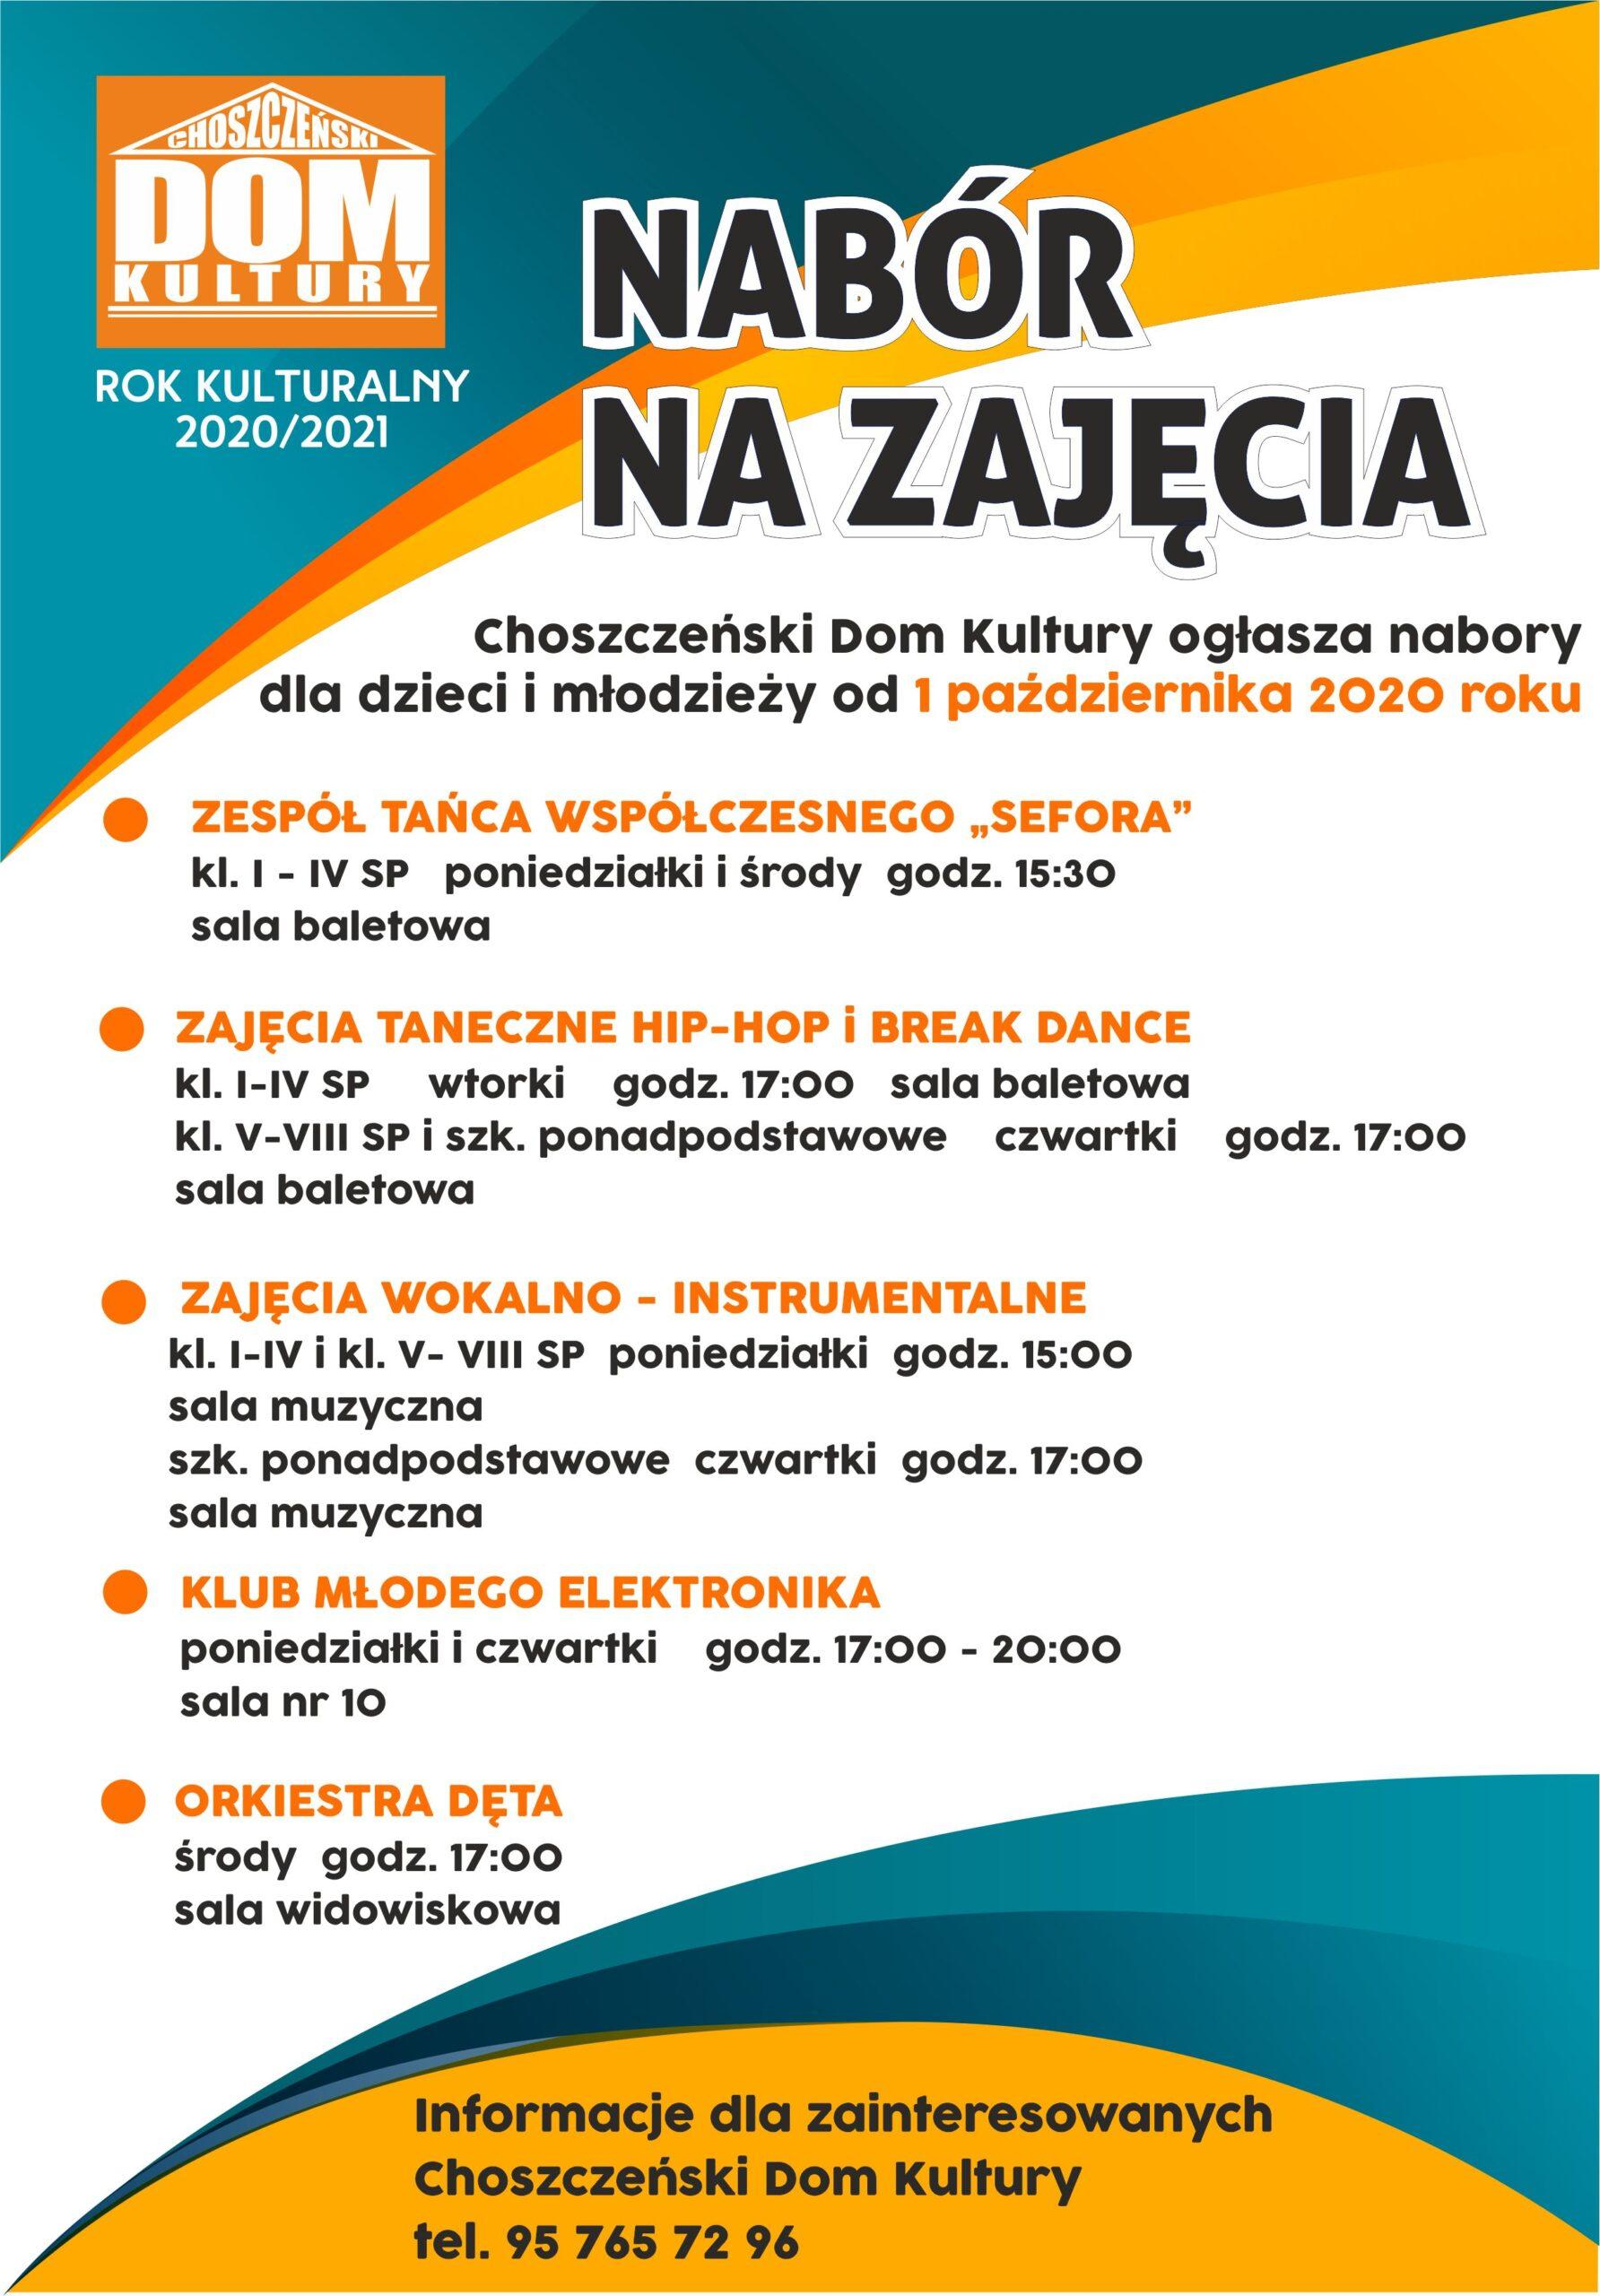 plakat nabór na zajęcia ChDK